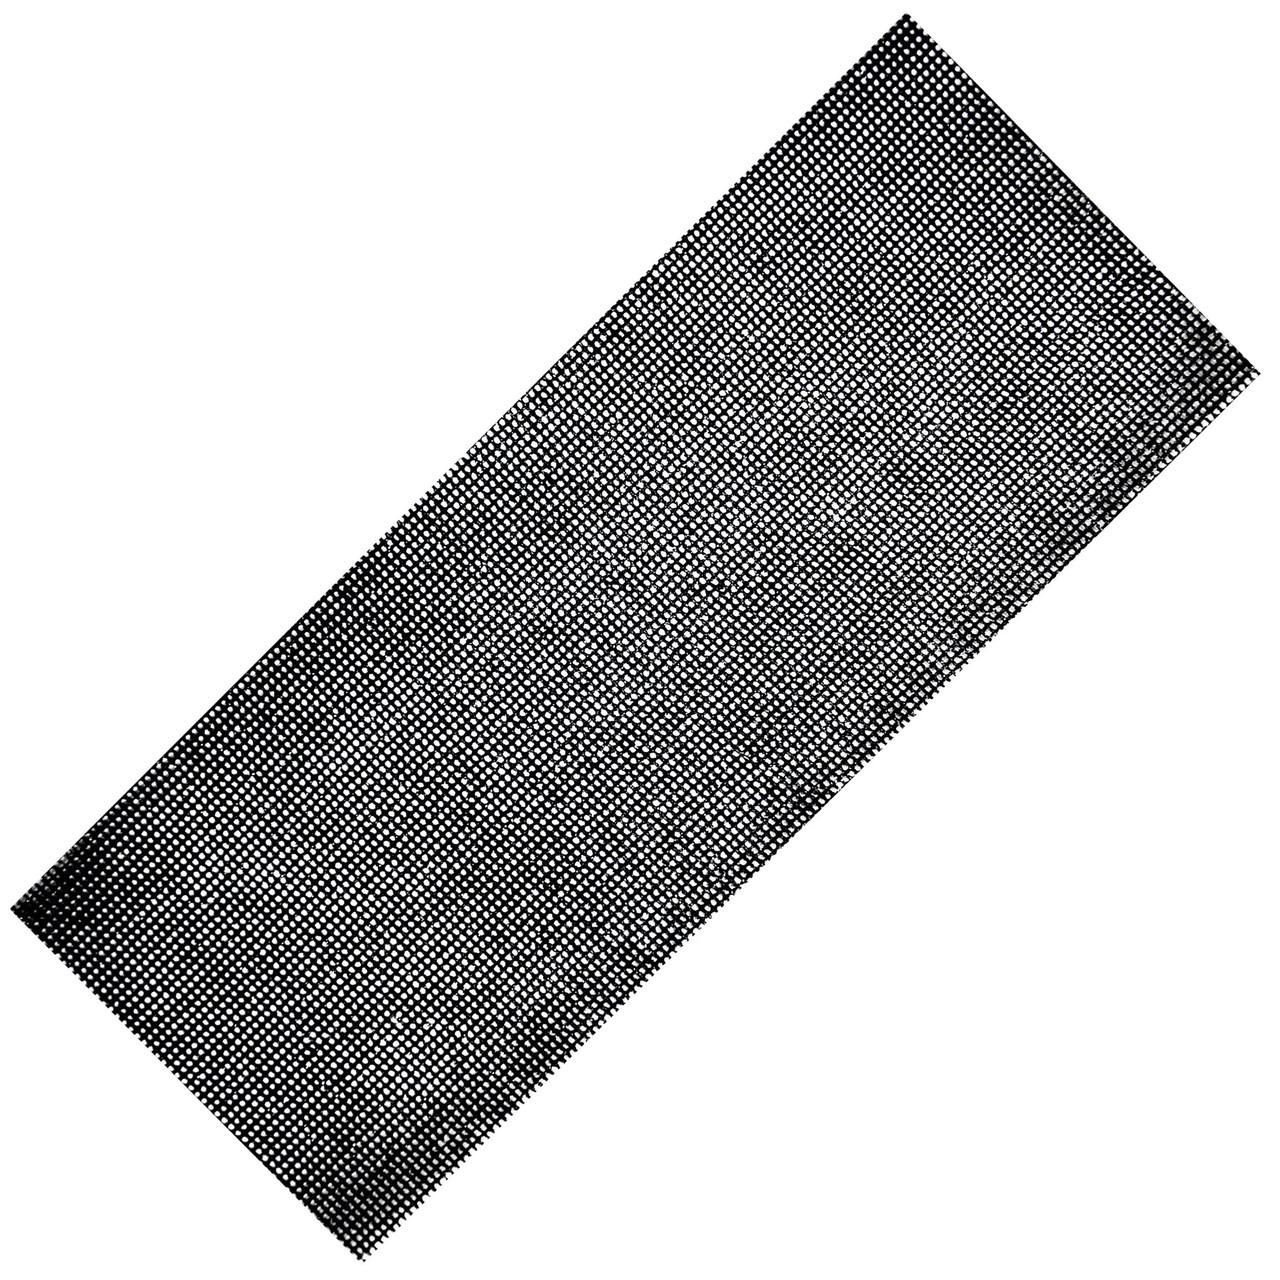 Сетка шлифовальная Spitce 115 х 280 мм Р60 5 листов (18-726)